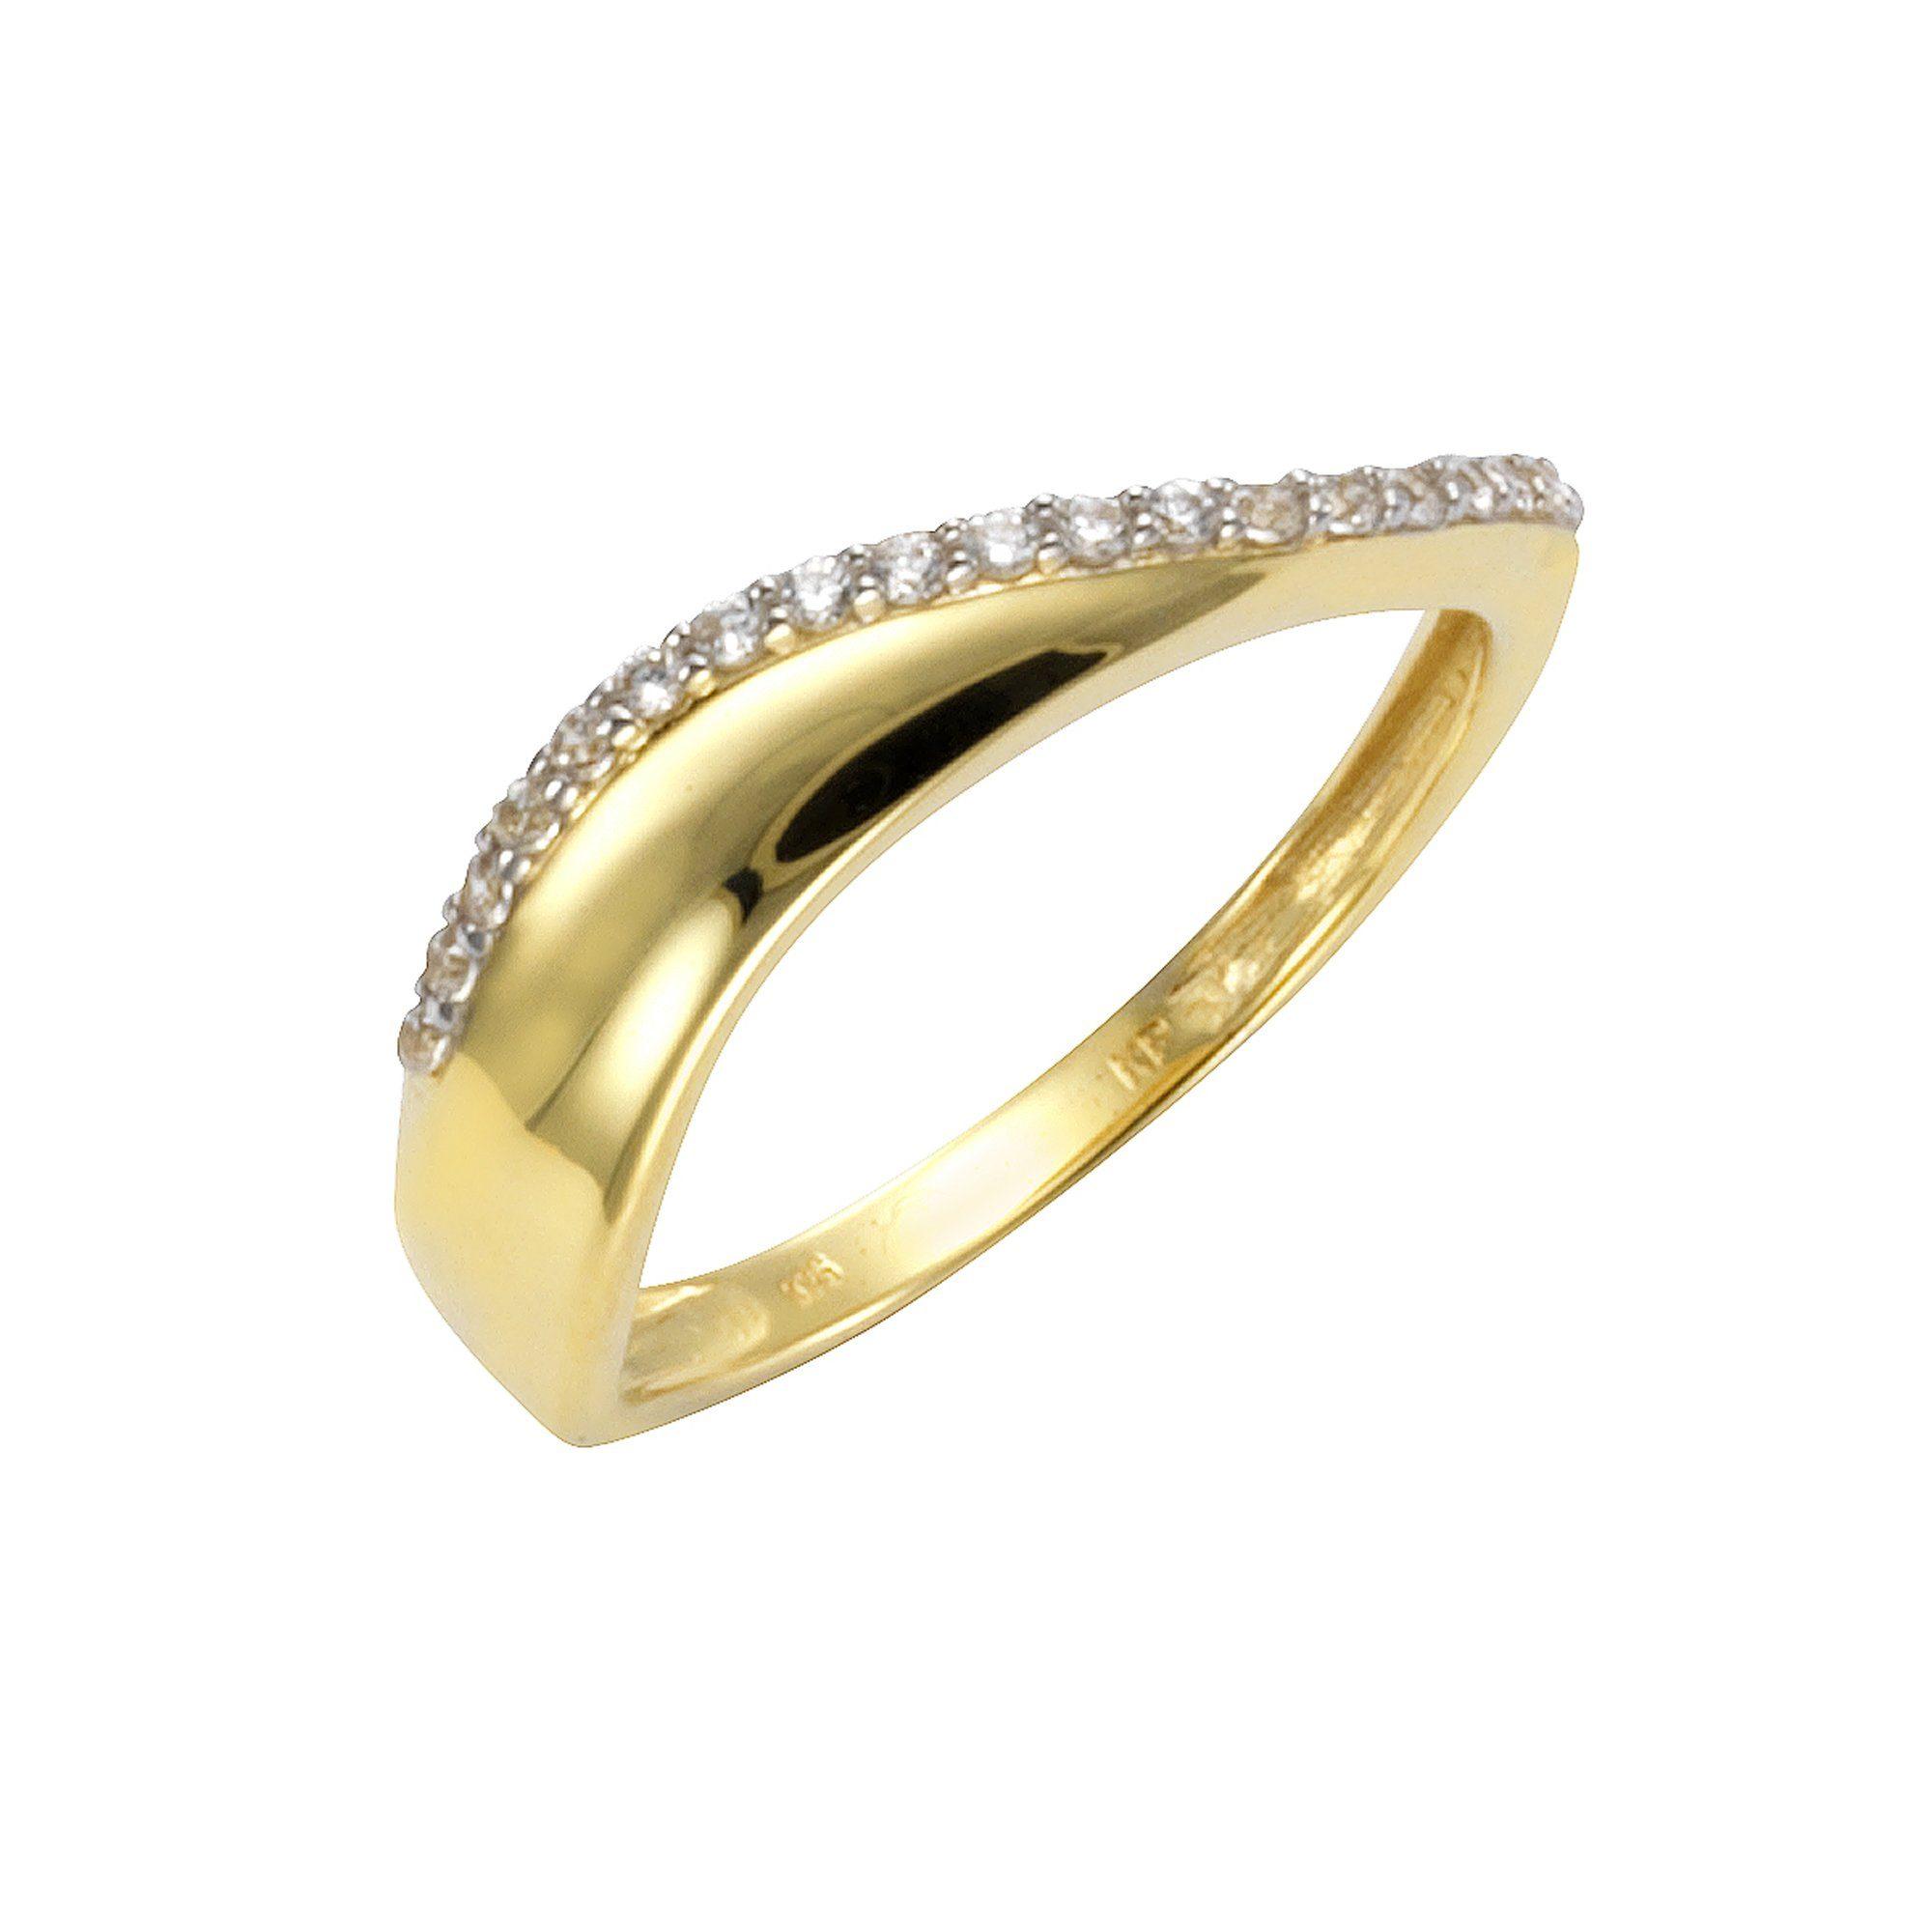 CELESTA Ring 375/- Gelbgold Zirkonia | Schmuck > Ringe > Goldringe | Gelb | Celesta